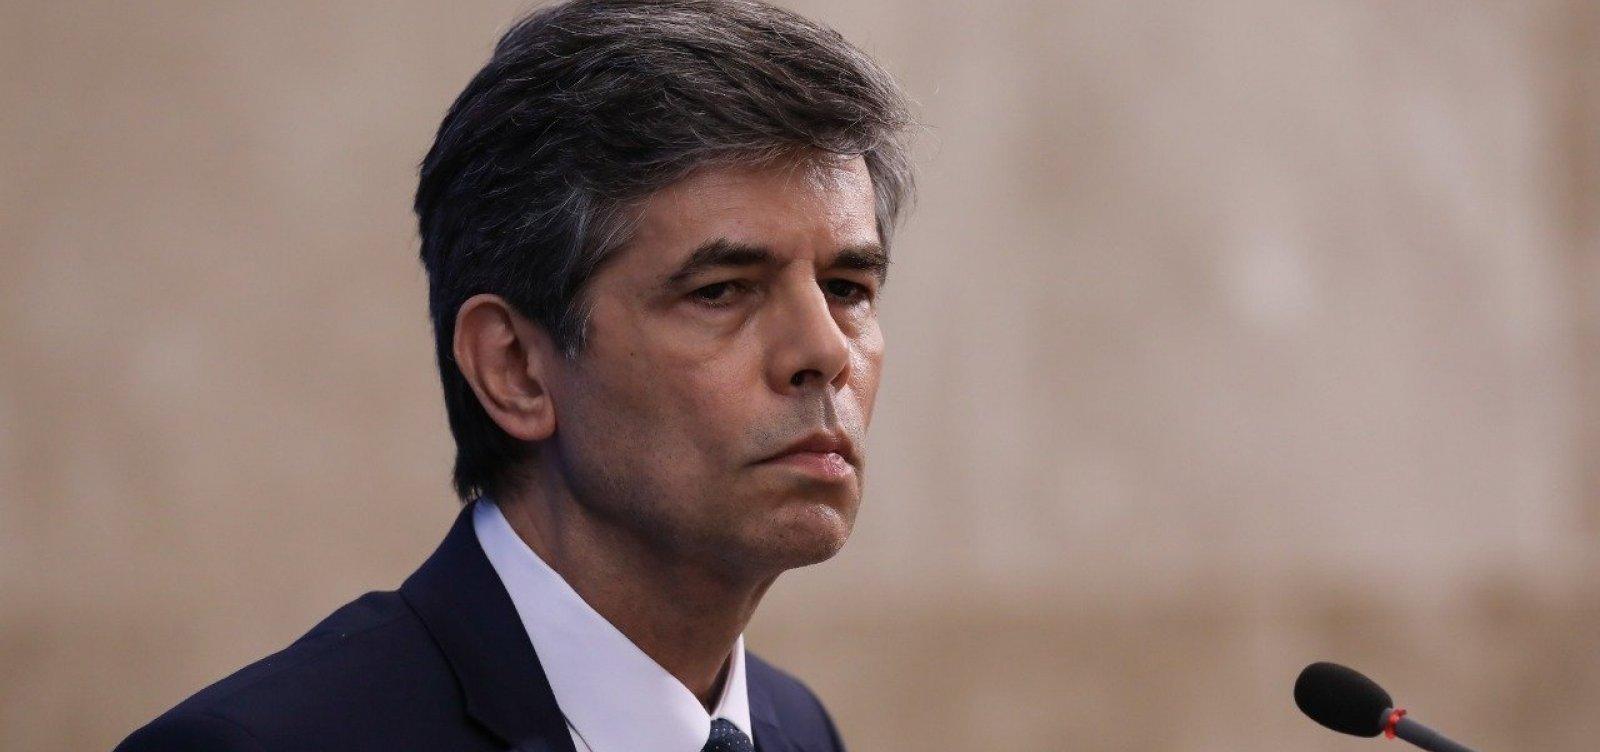 Insistência no uso da cloroquina provocou pedido de demissão, diz Teich em CPI